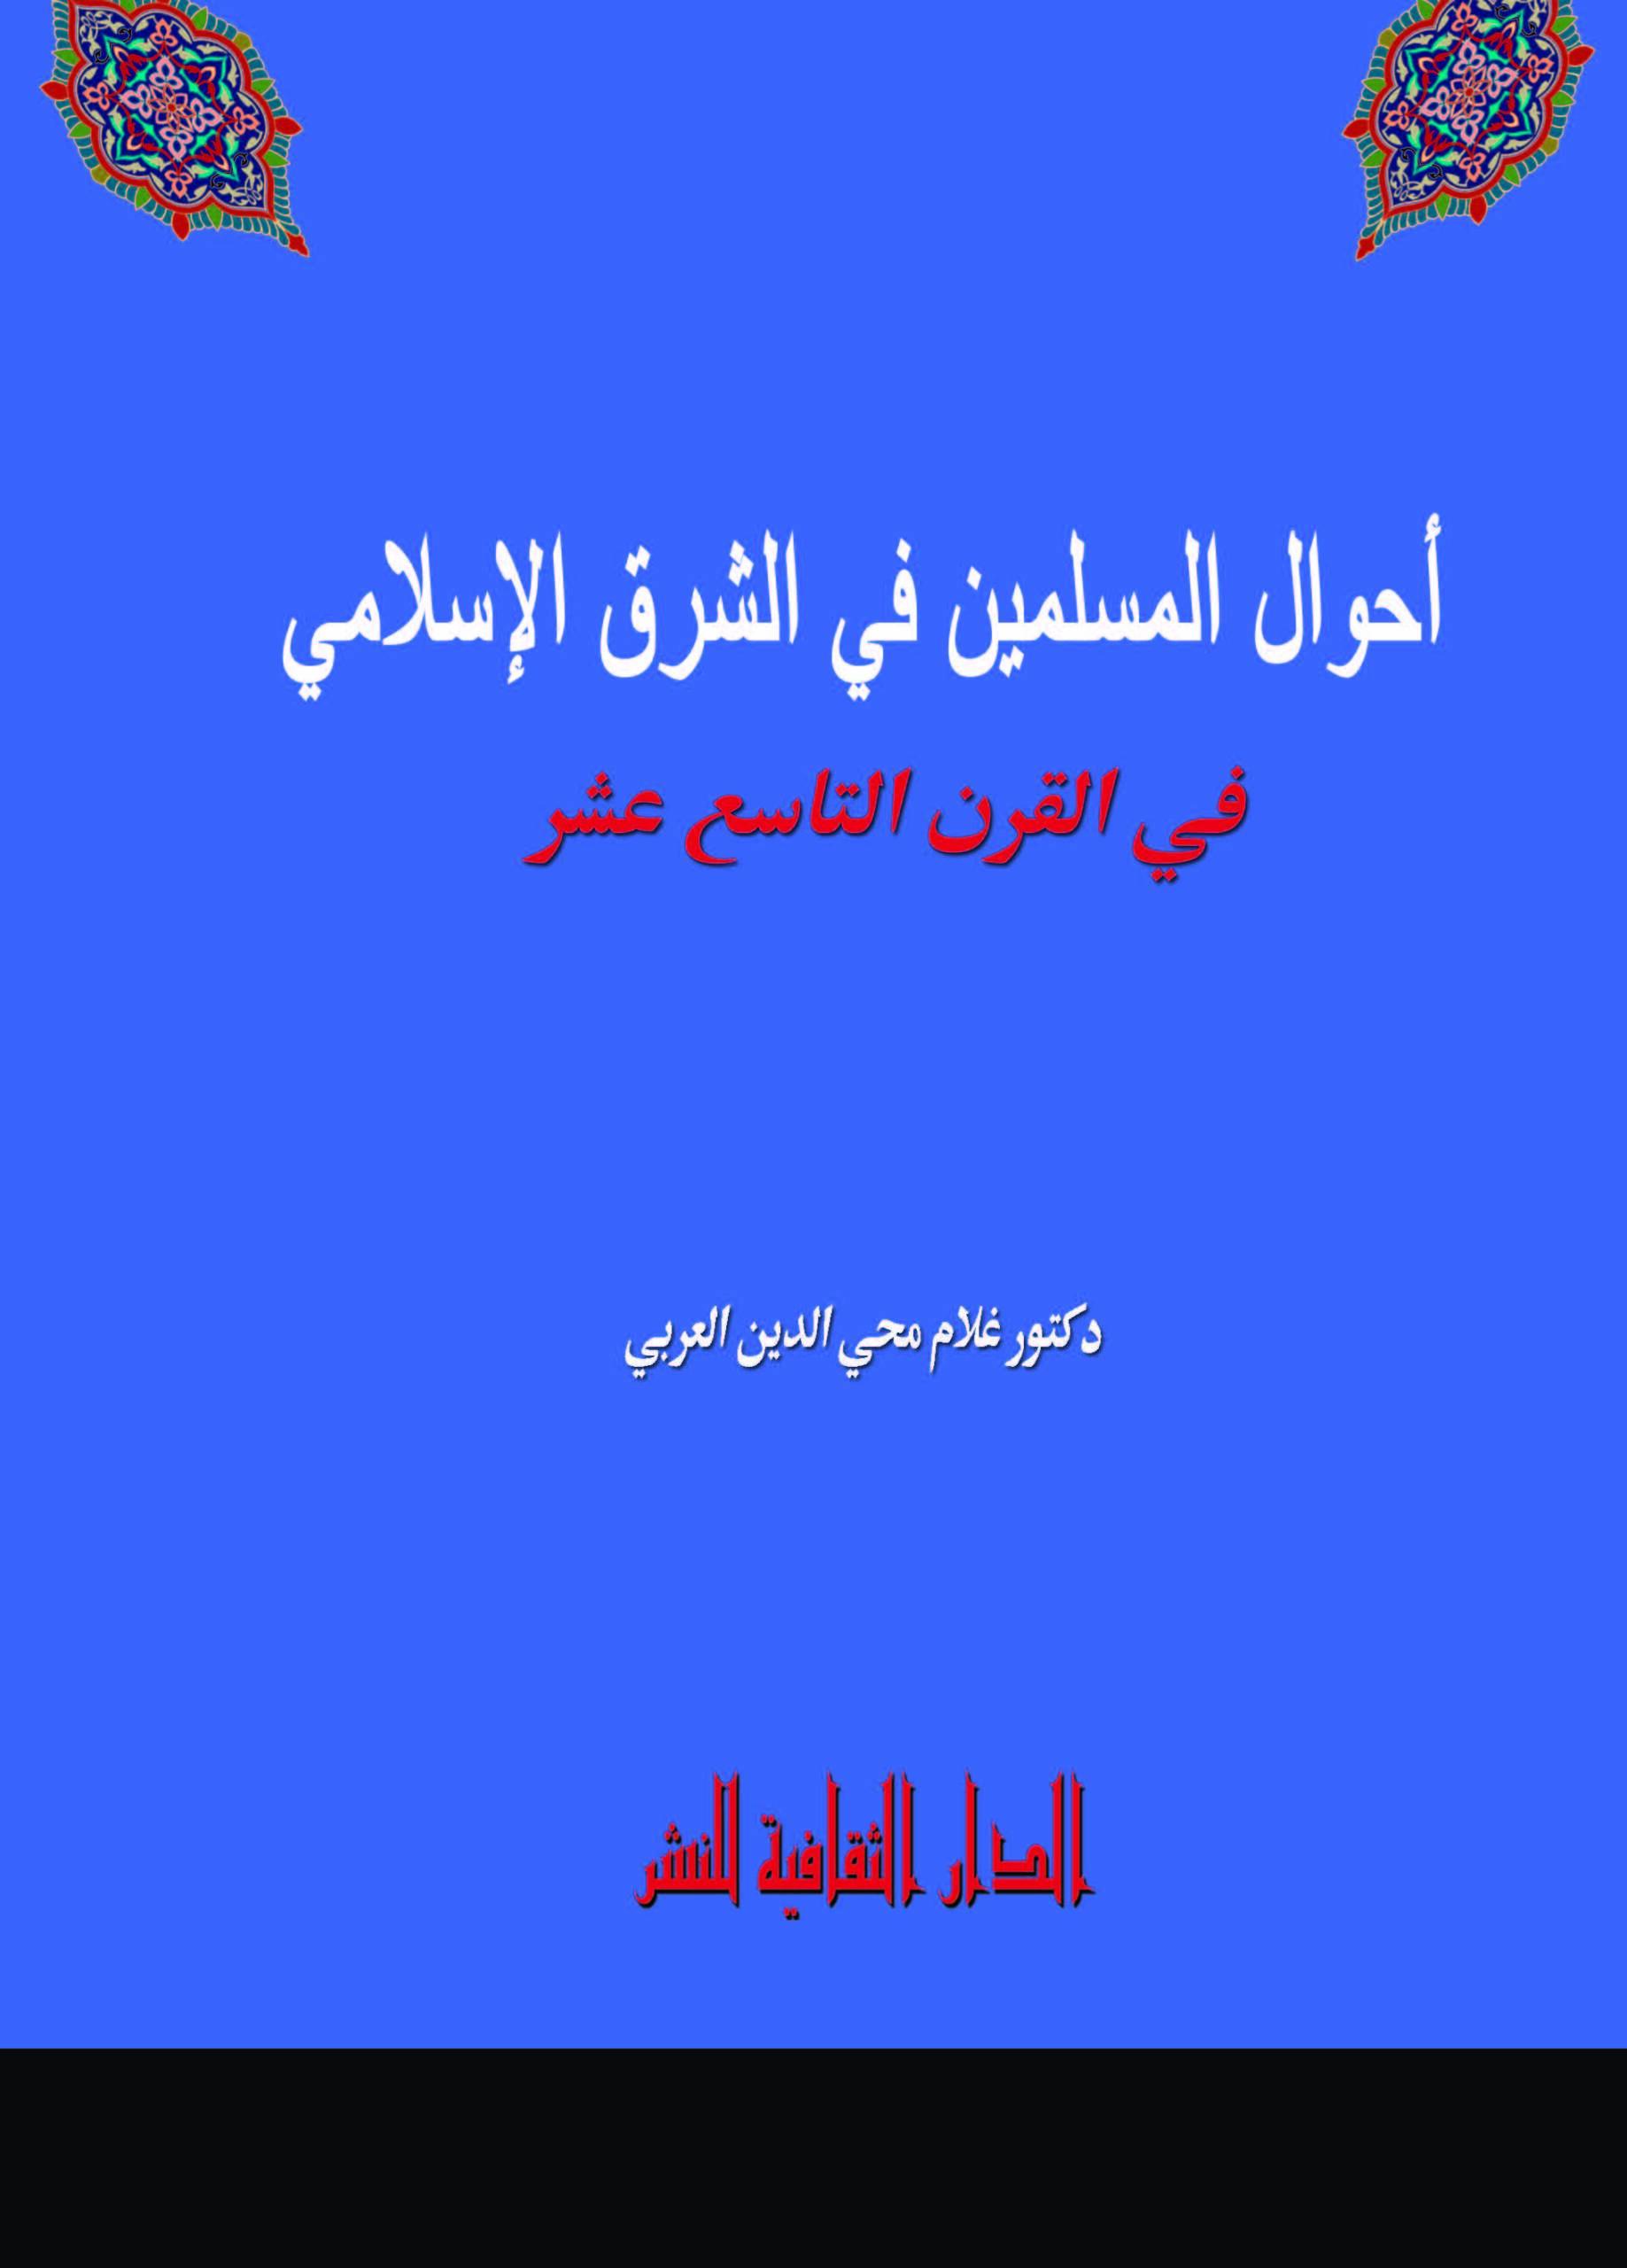 أحوال المسلمين فى الشرق الإسلامى